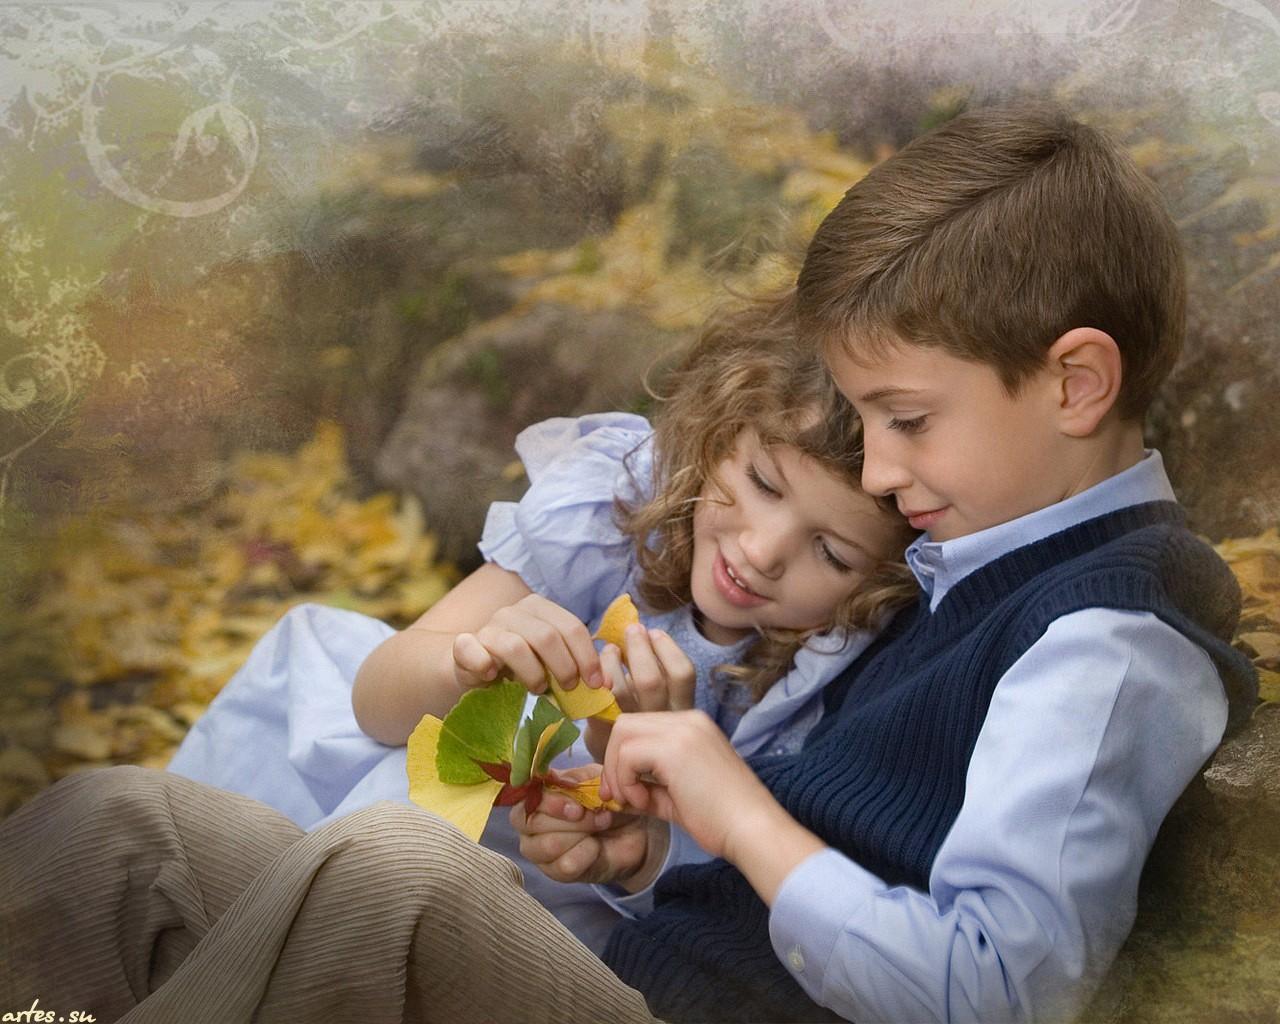 Сестра и брат занимаются любовью онлайн 17 фотография